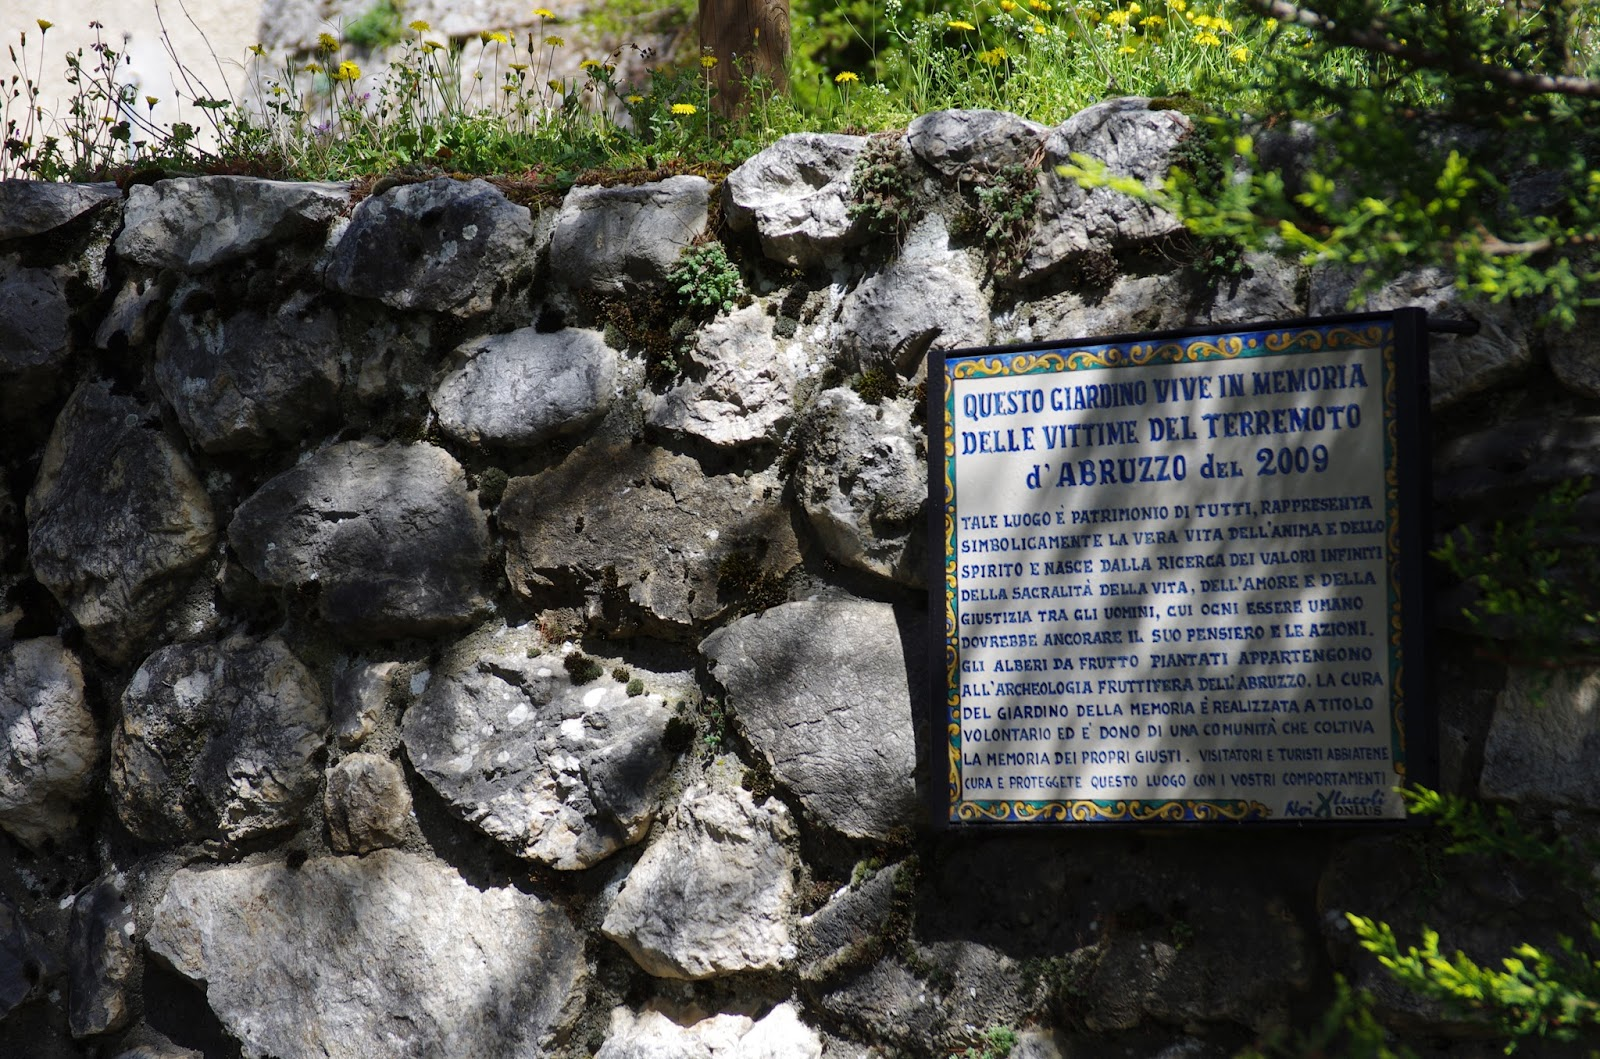 Noixlucoli onlus giardino della memoria del sisma di - Giardino d abruzzo ...